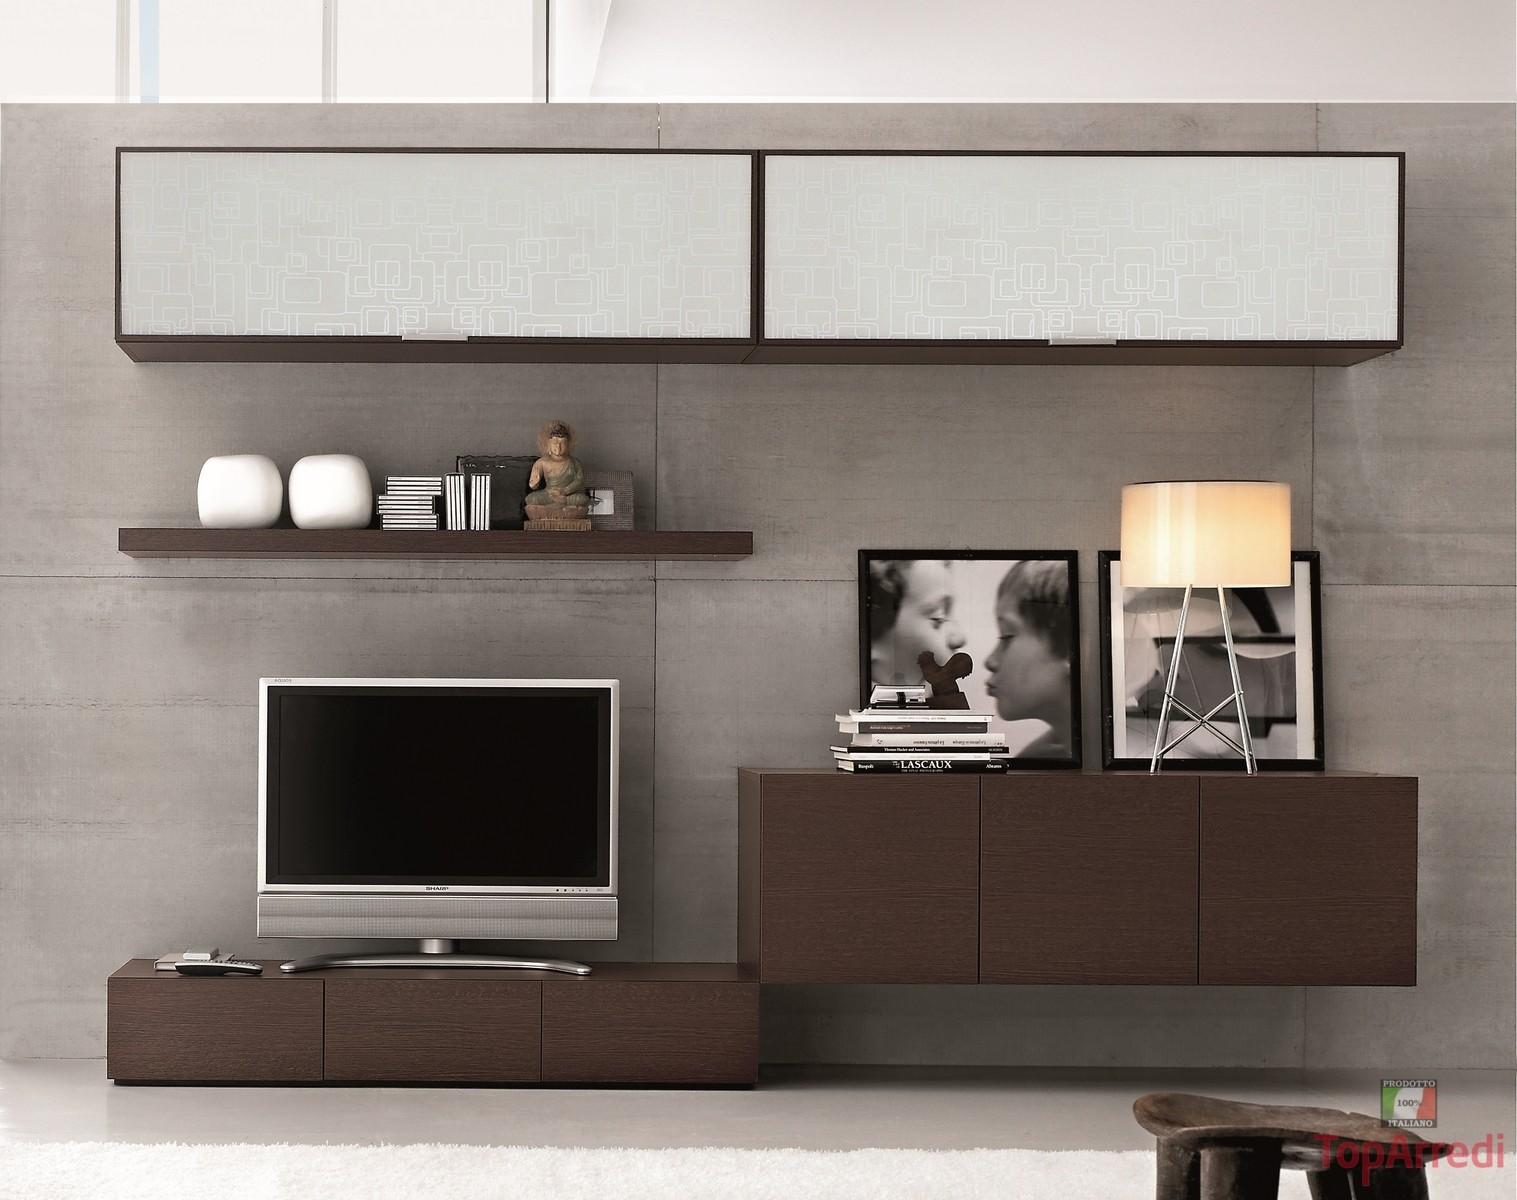 Arredamento e mobili online come arredare soggiorni - Arredare soggiorno moderno ...